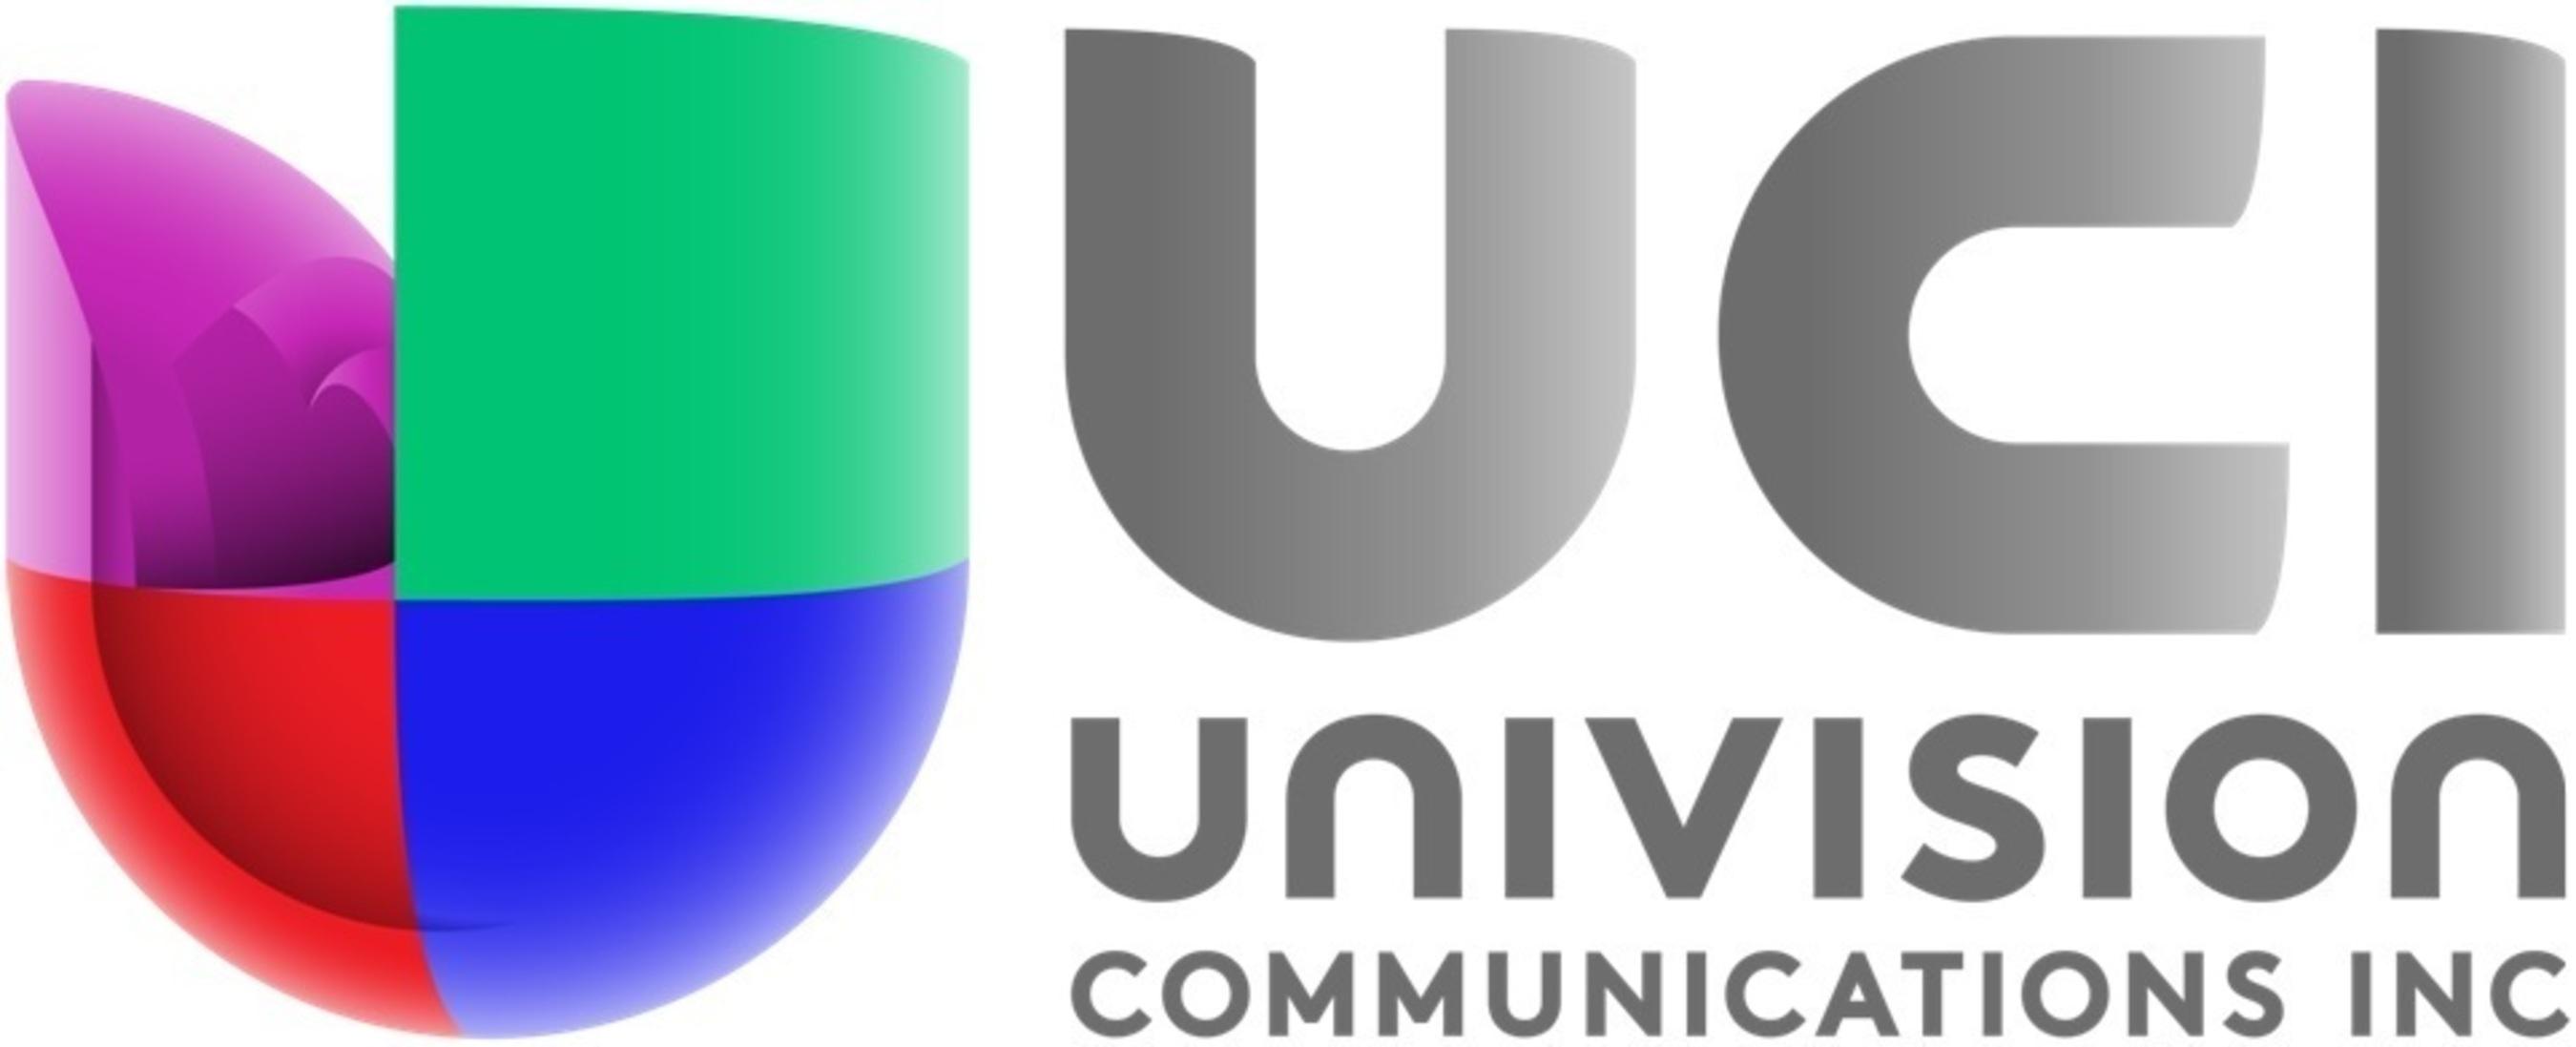 Univision Communications Inc. adquiere destacado sitio web para personas afroamericanas de